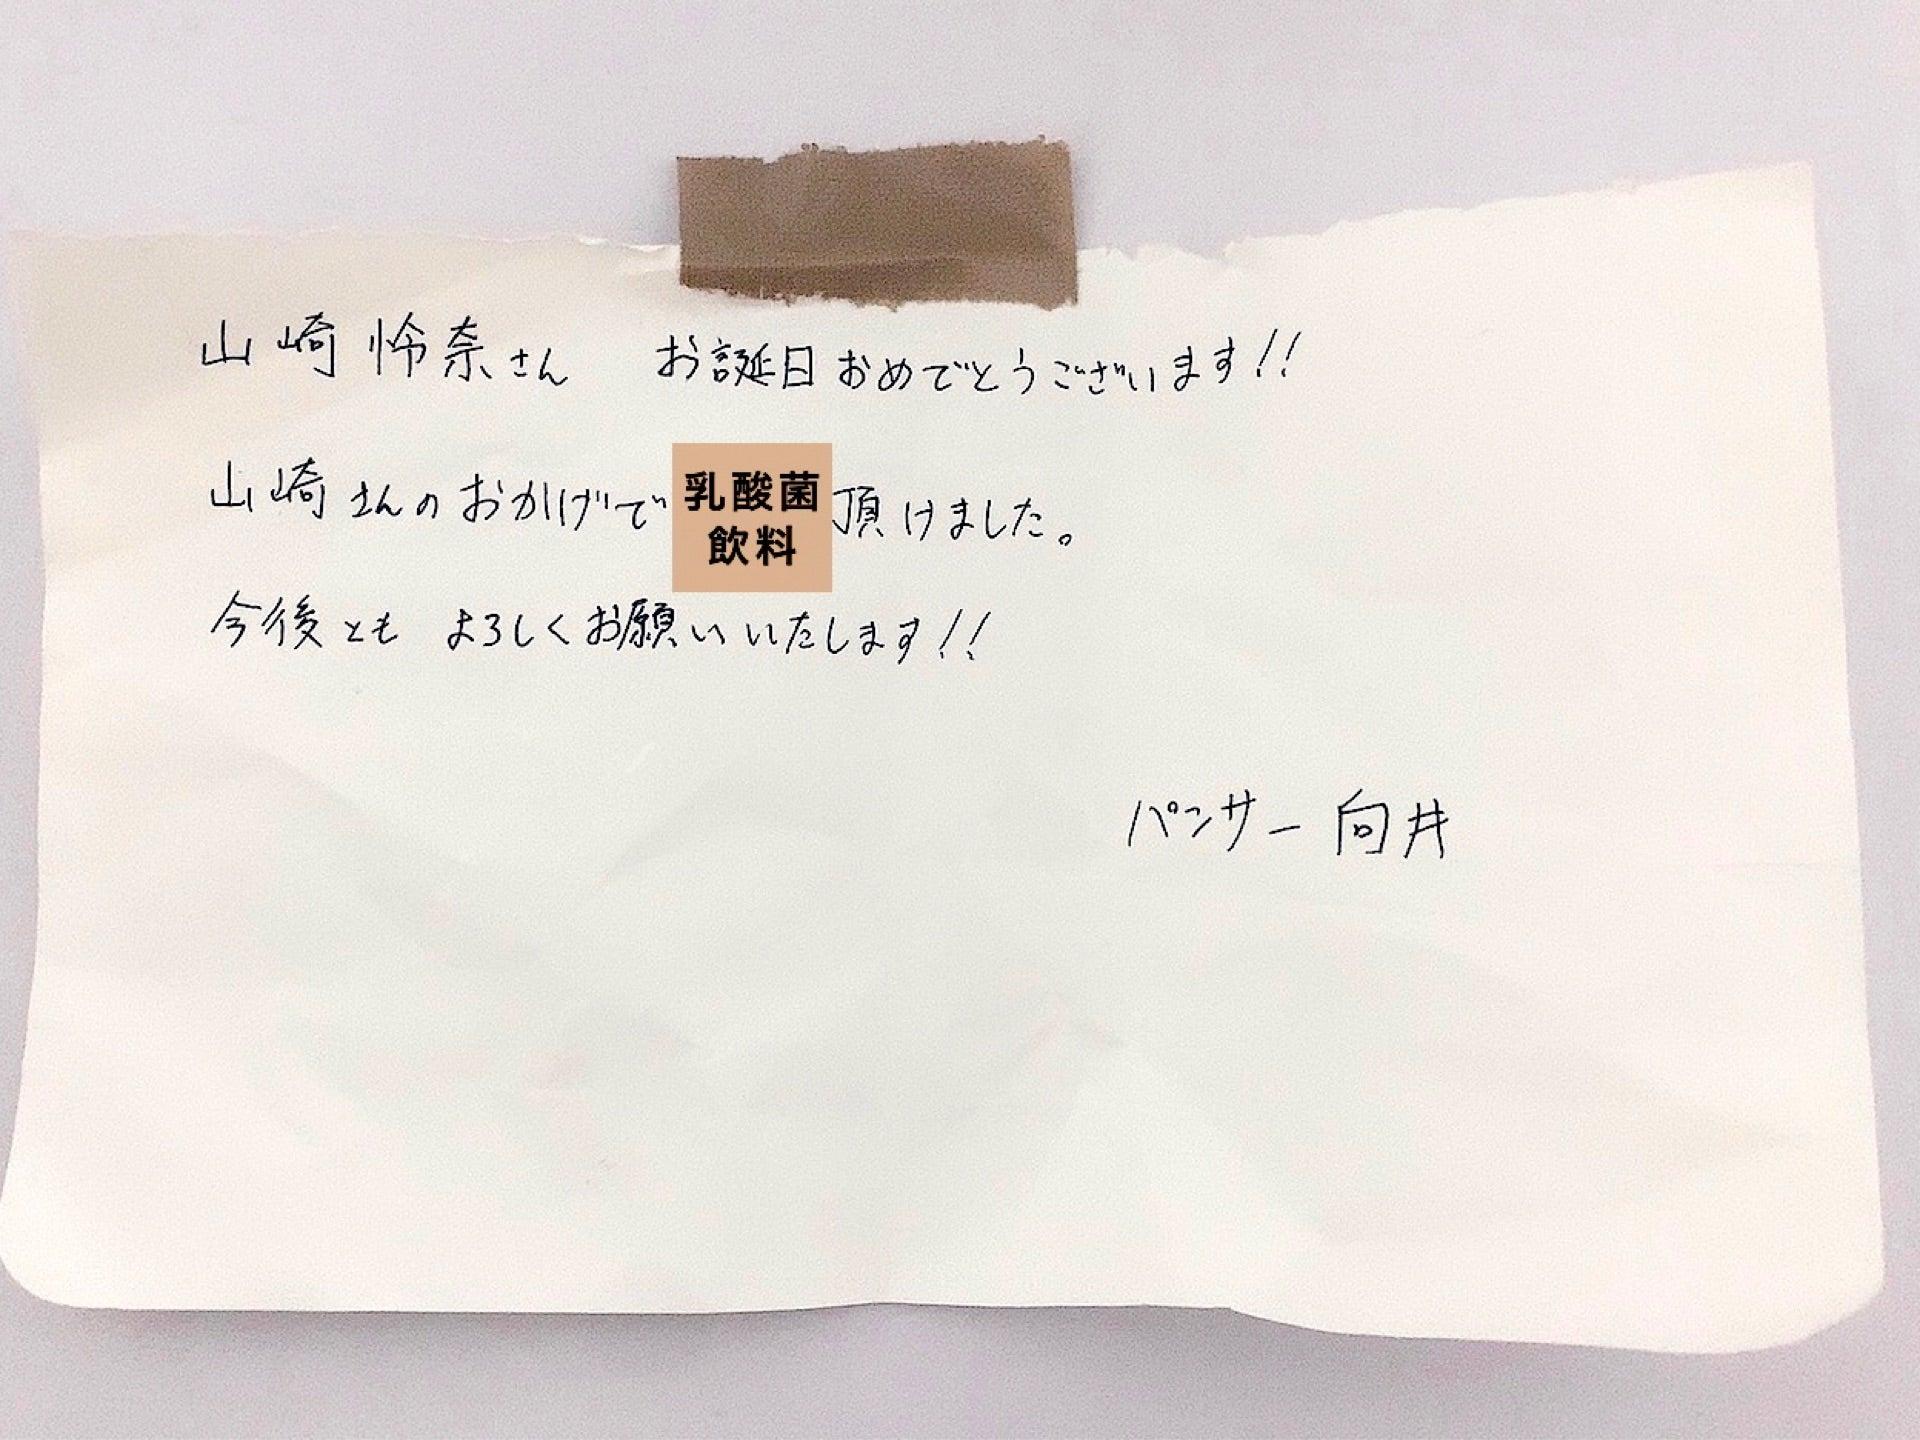 向井 ラジオ パンサー